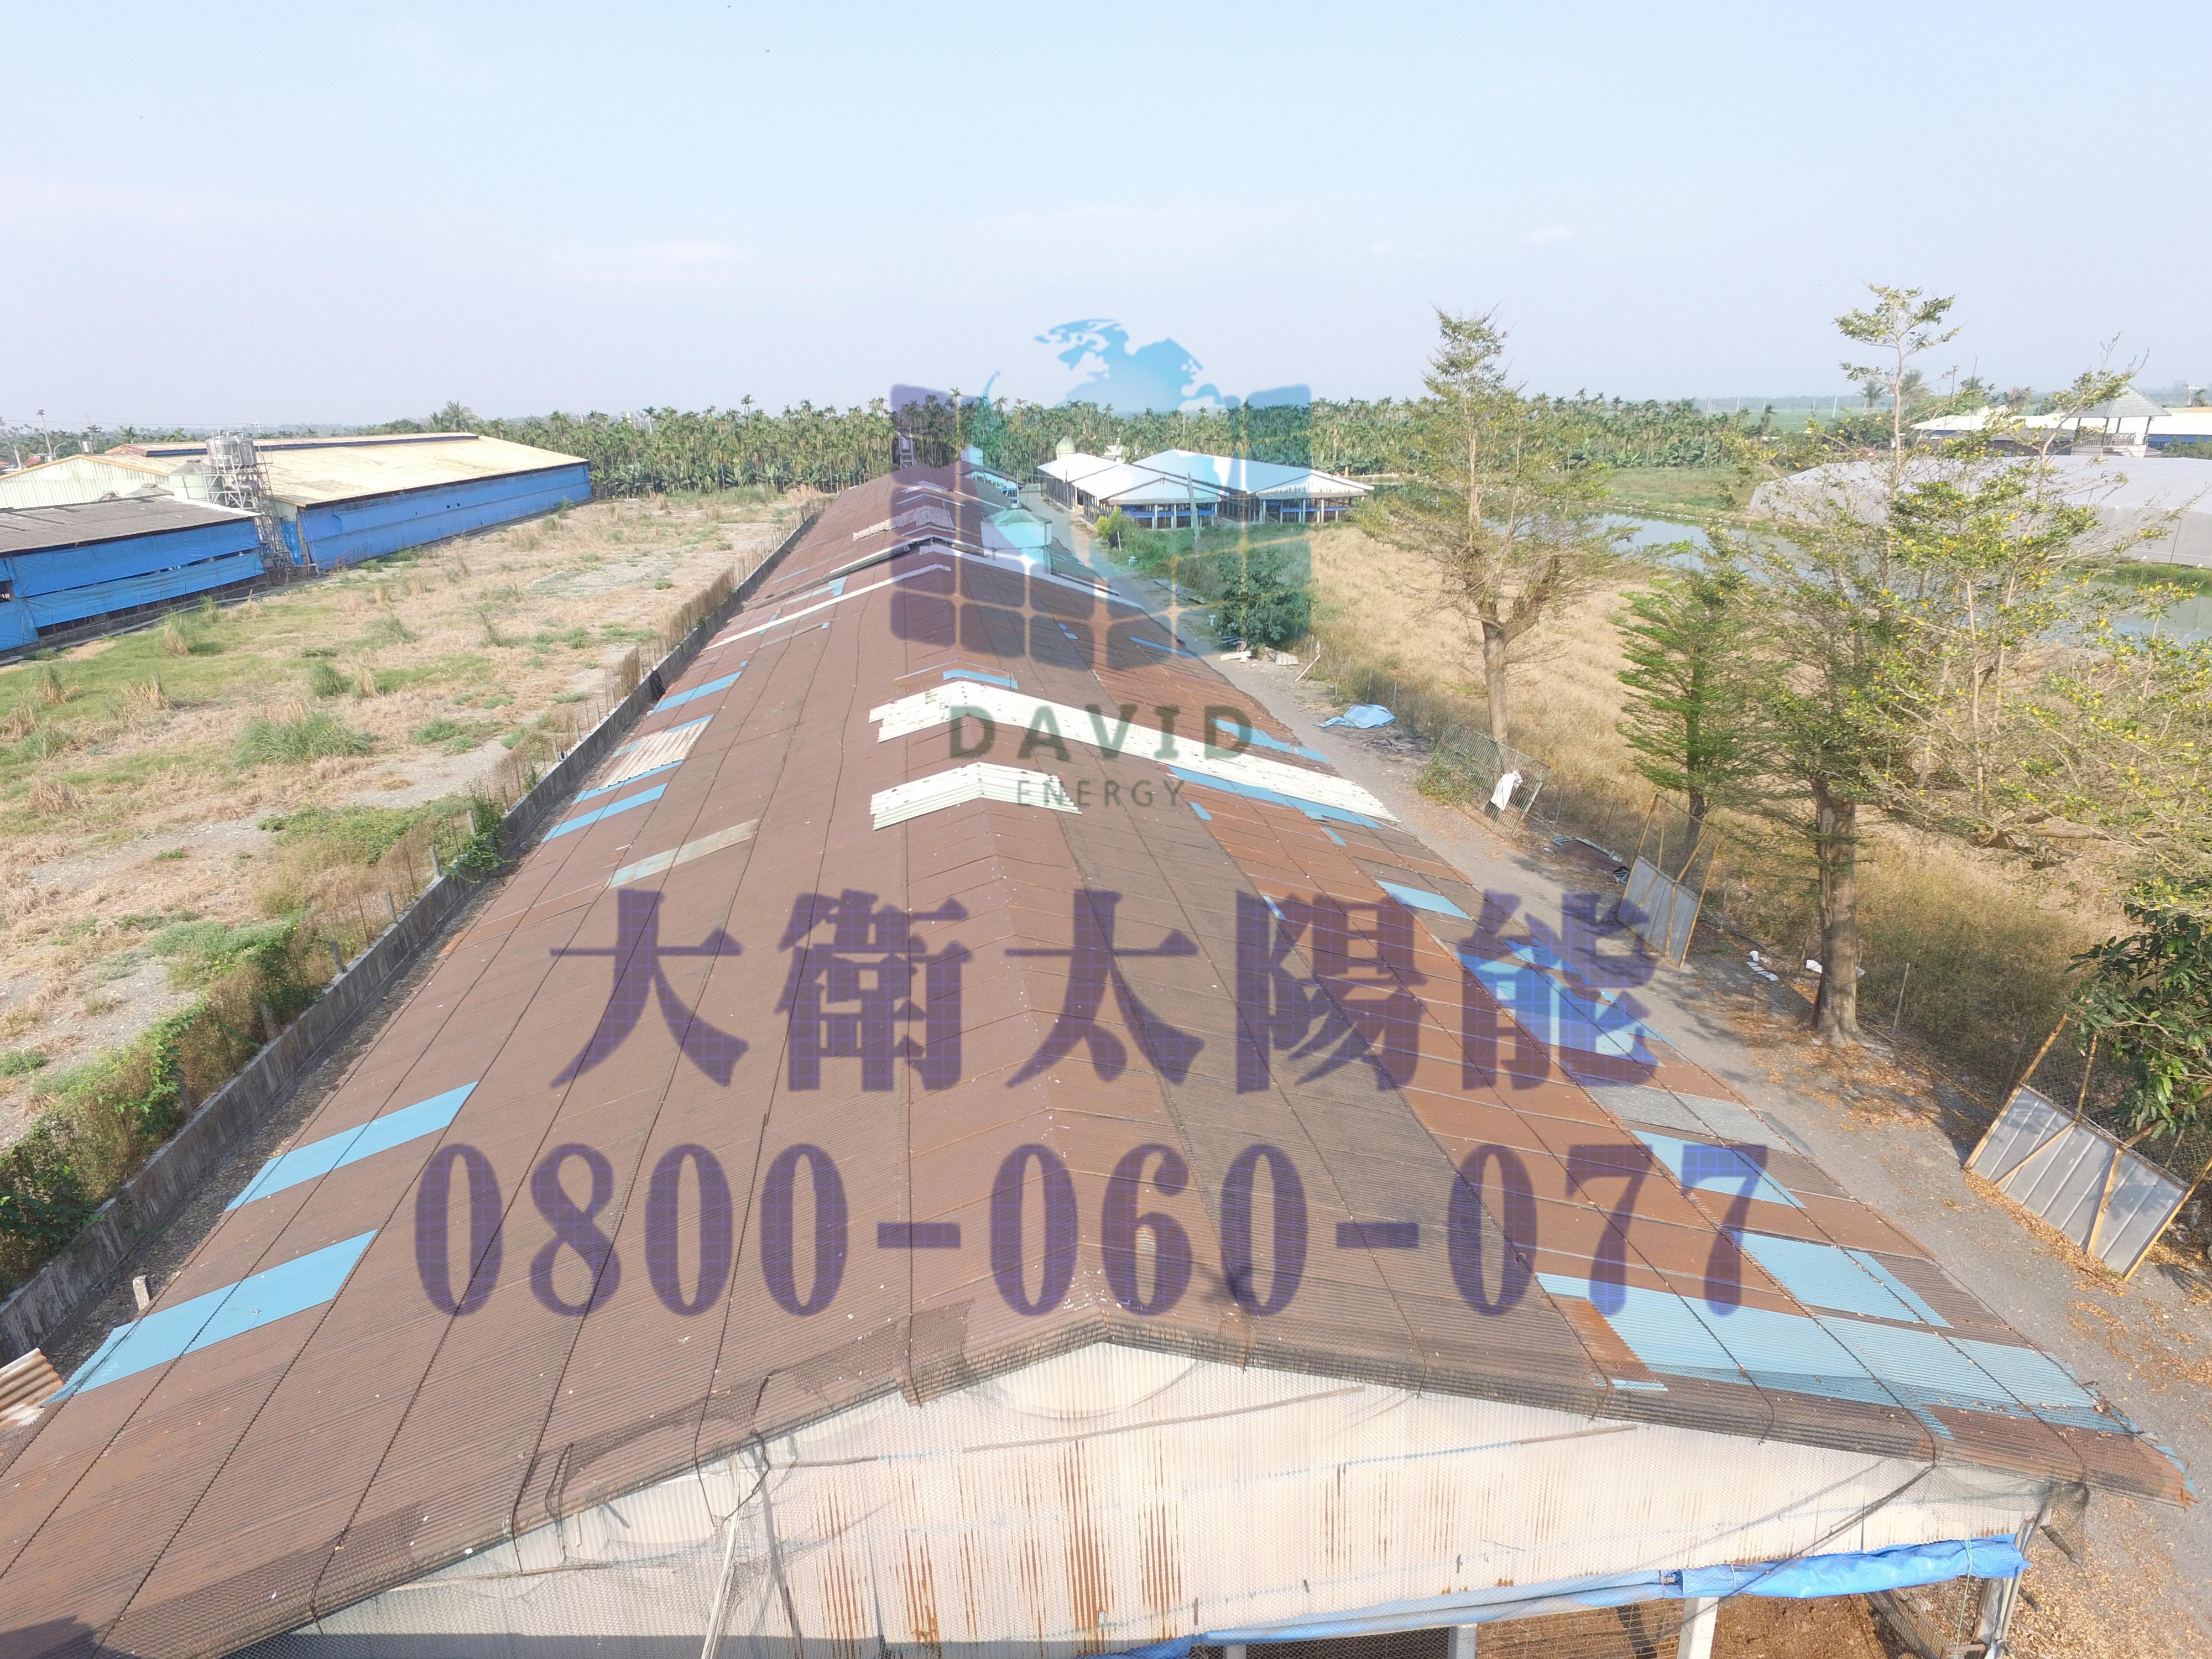 DJI_0679.jpg